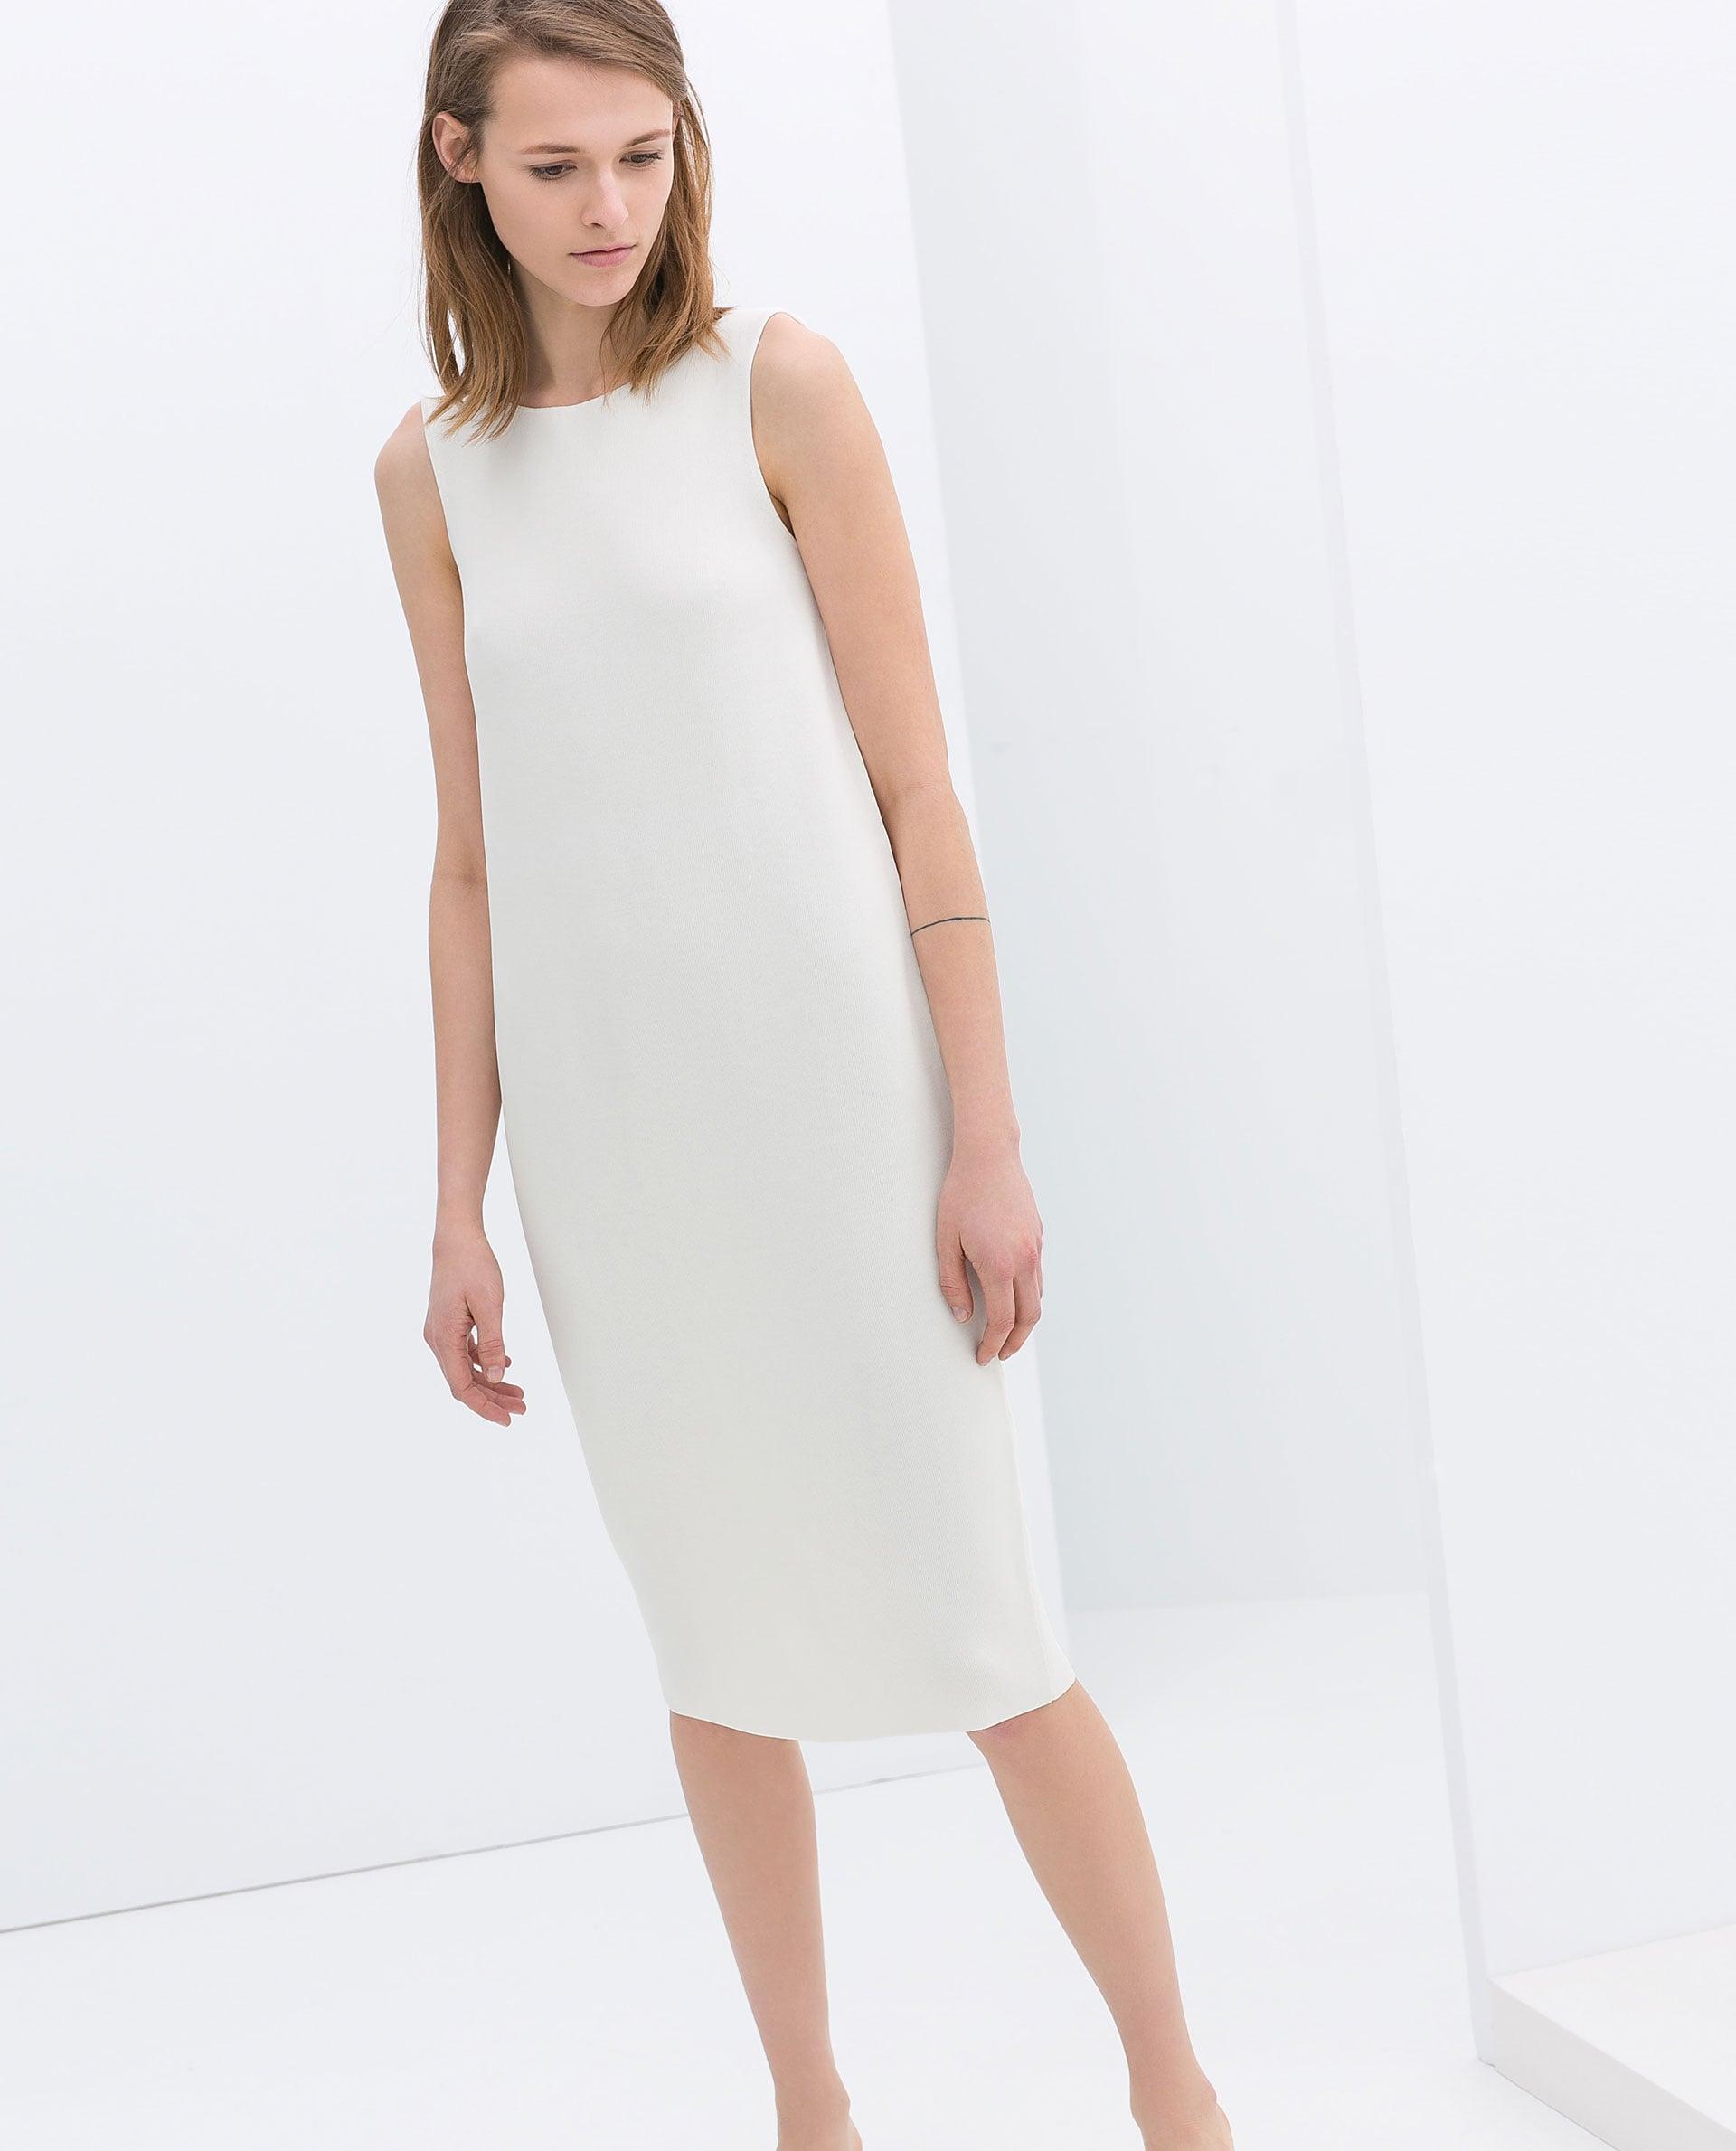 Zara Sleeveless White Shift Dress ($80)